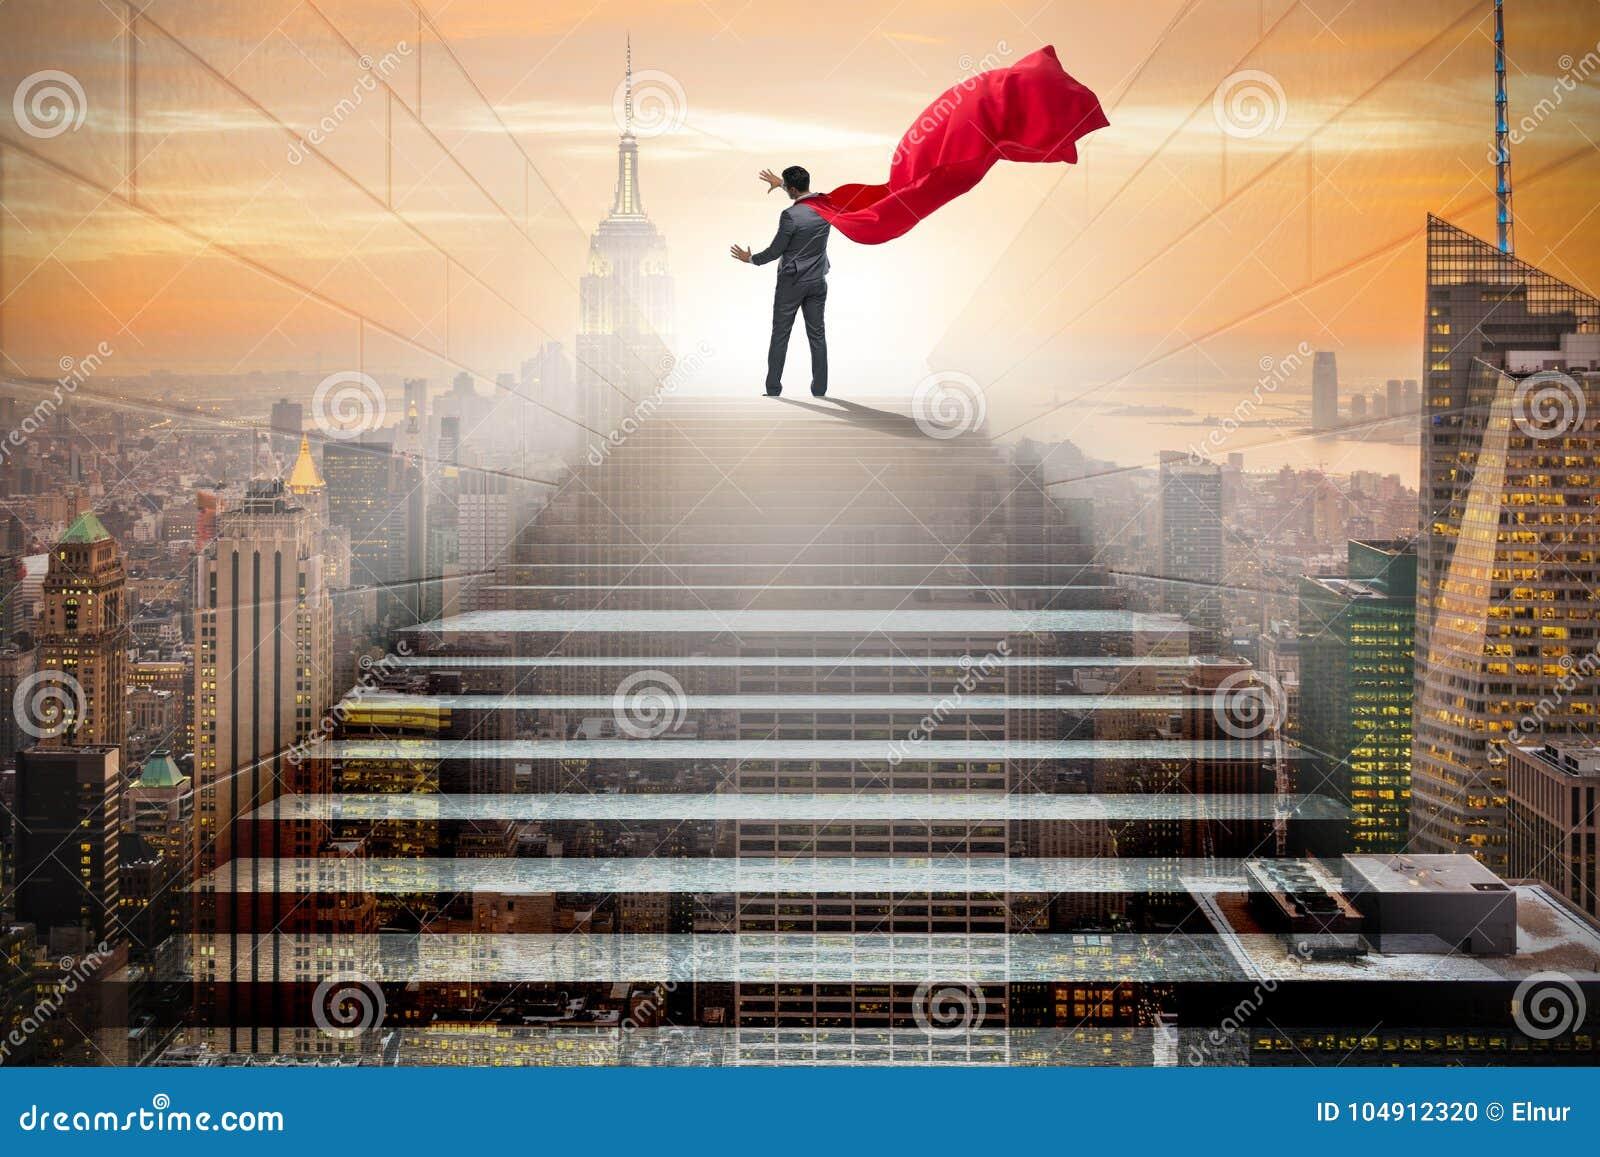 Το superhero επιχειρηματιών που πιέζει τα εικονικά κουμπιά στη σκάλα σταδιοδρομίας